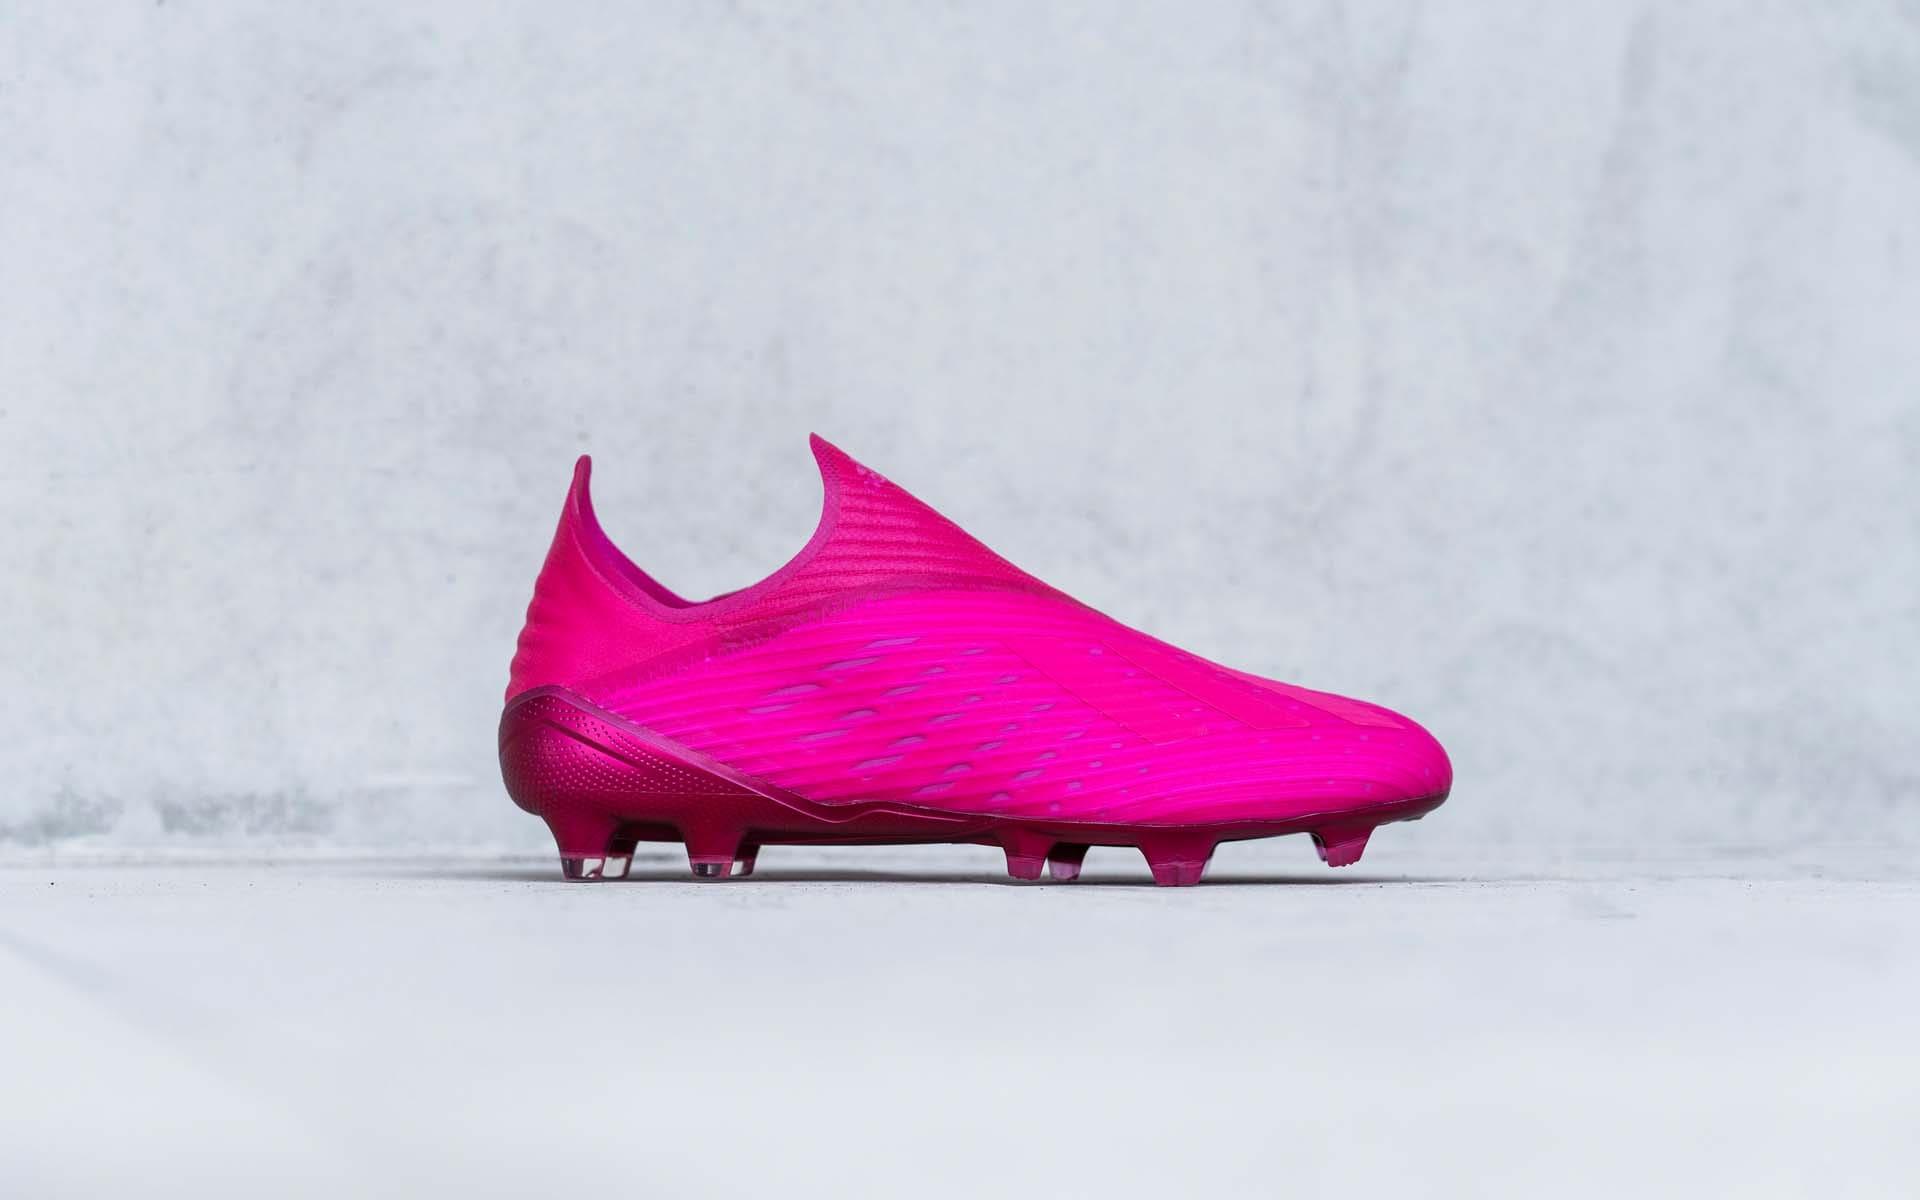 Giày bóng đá Adidas X 19+ Locality Pack màu hồng 2020